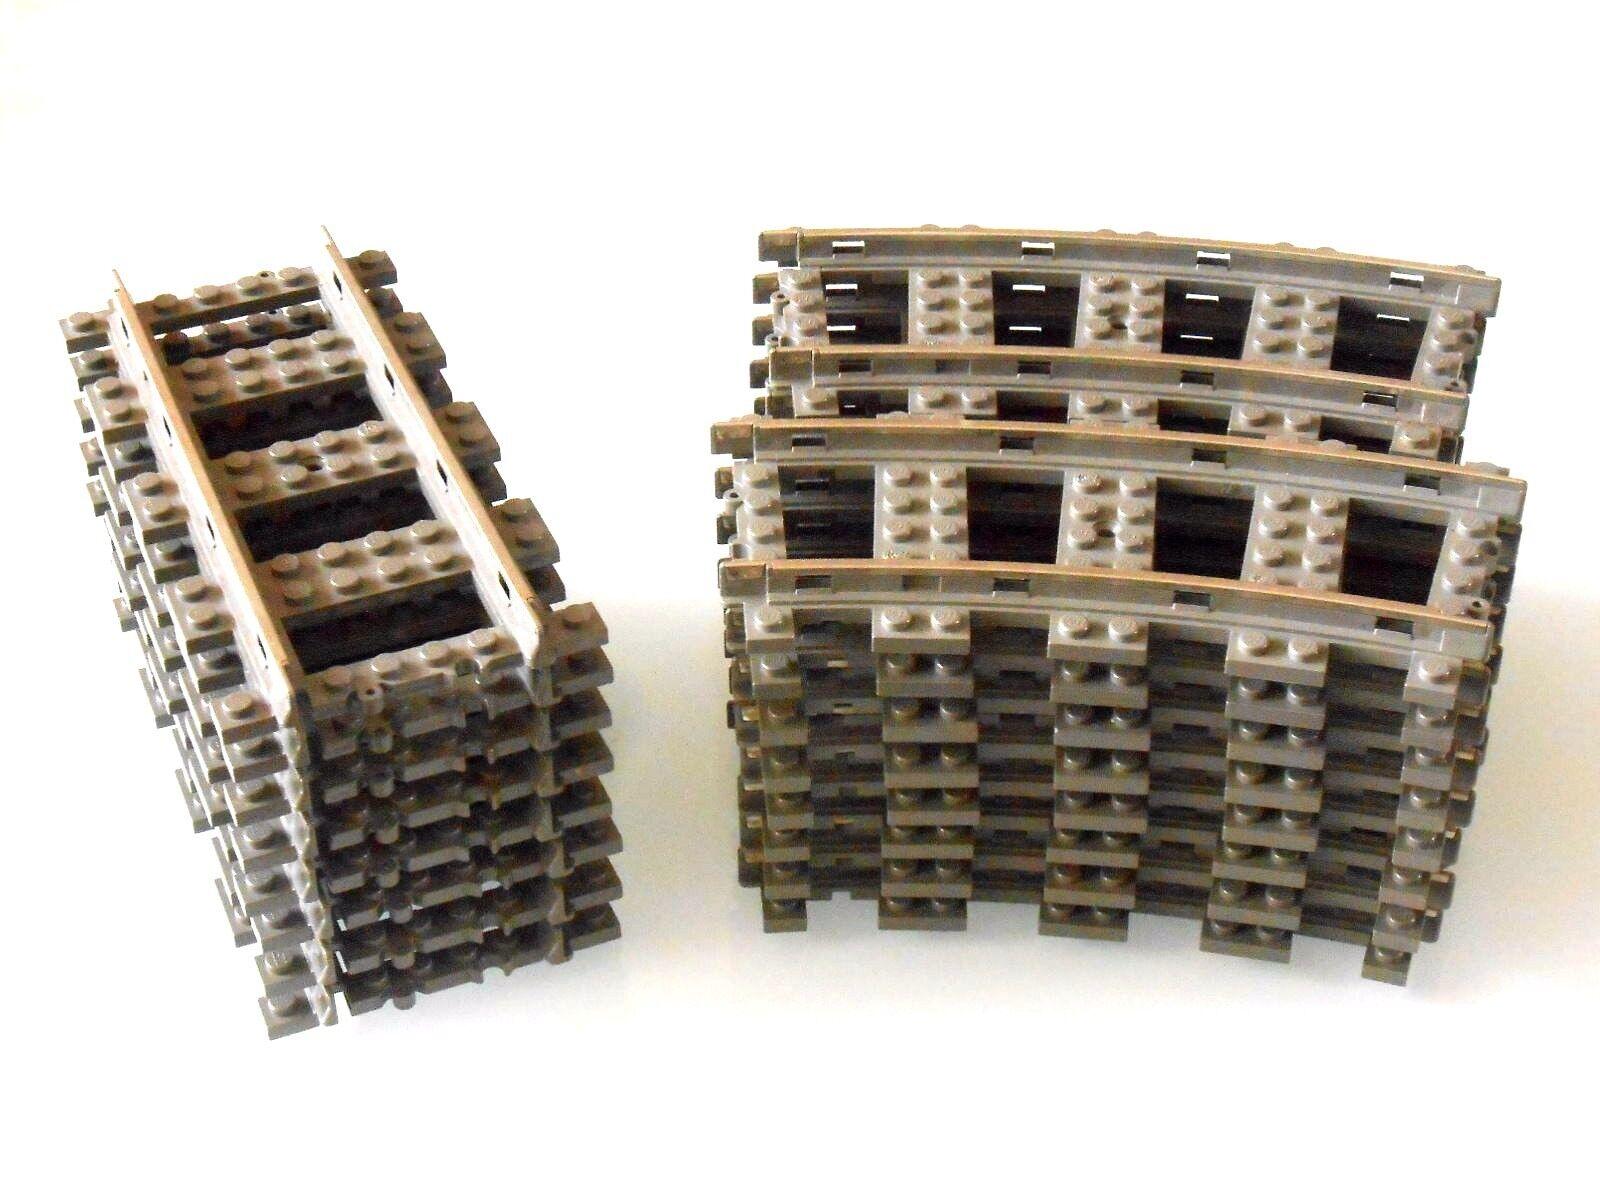 24x lego rails 9 V, Plié-courbes et droites